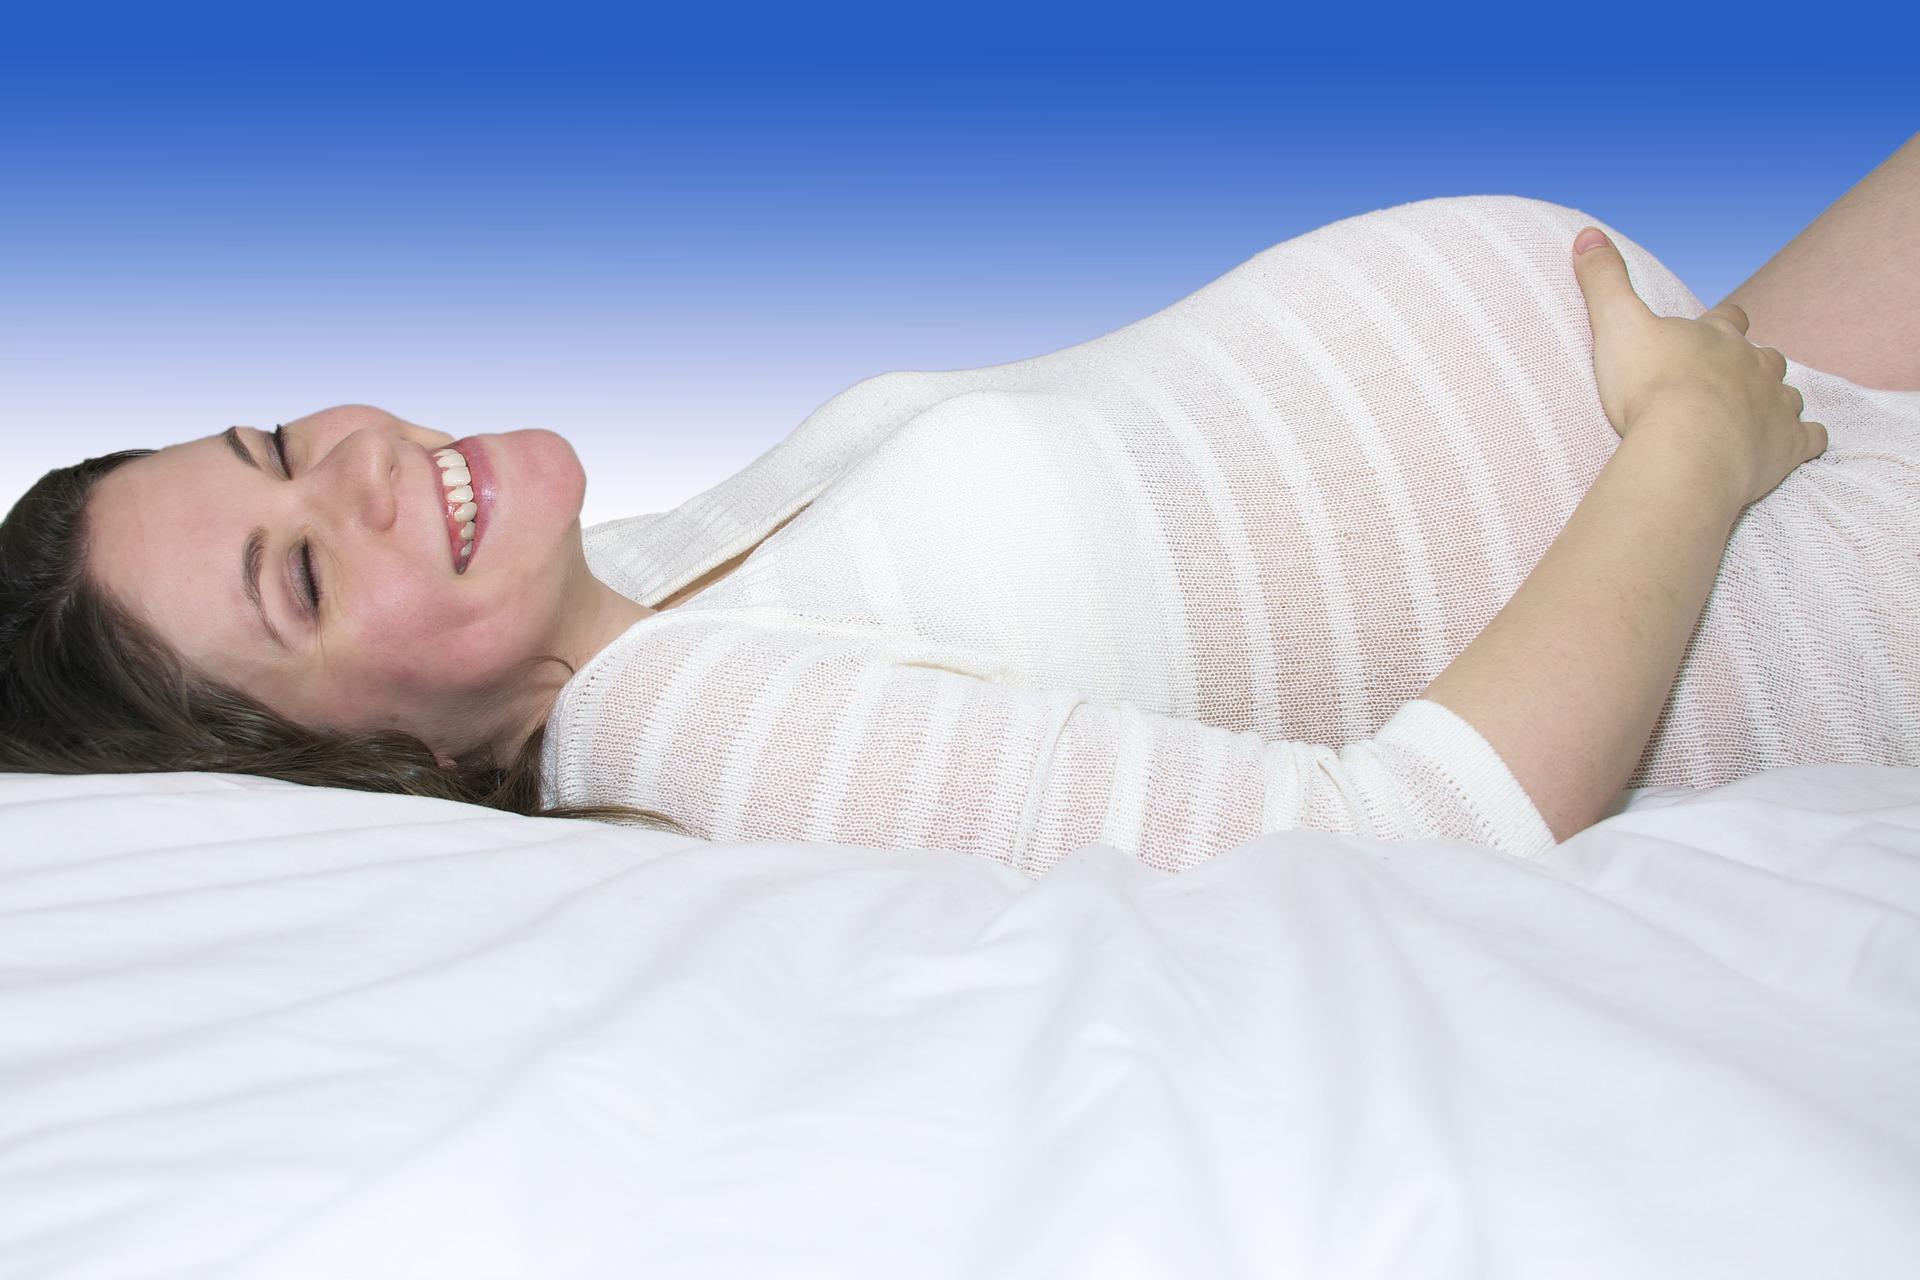 Dormir durante a gravidez – Em busca de conforto